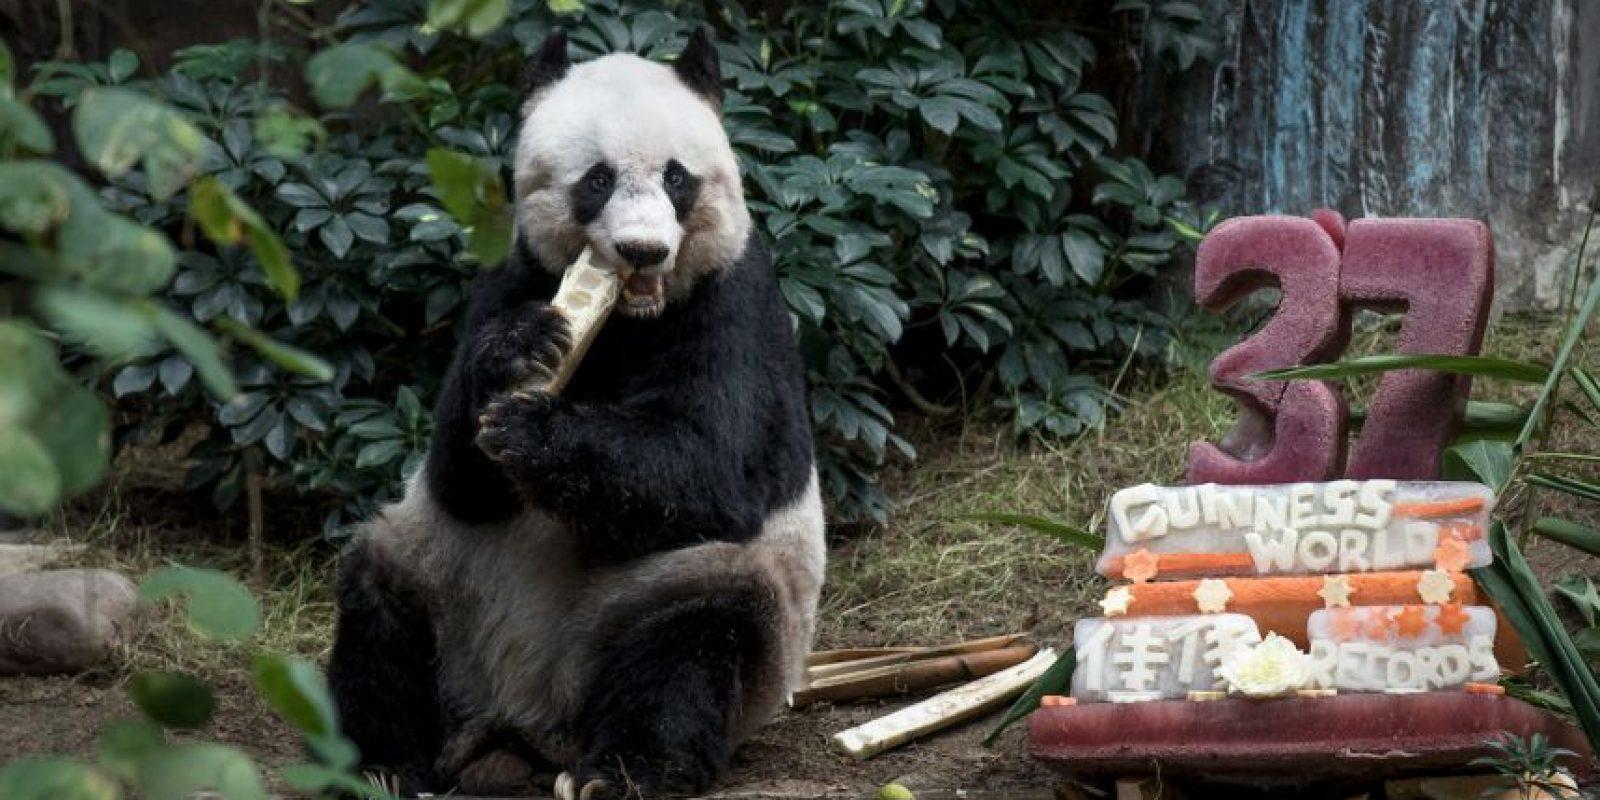 Jia Jia rompió el récord de la panda más vieja en cautiverio. Foto:AFP